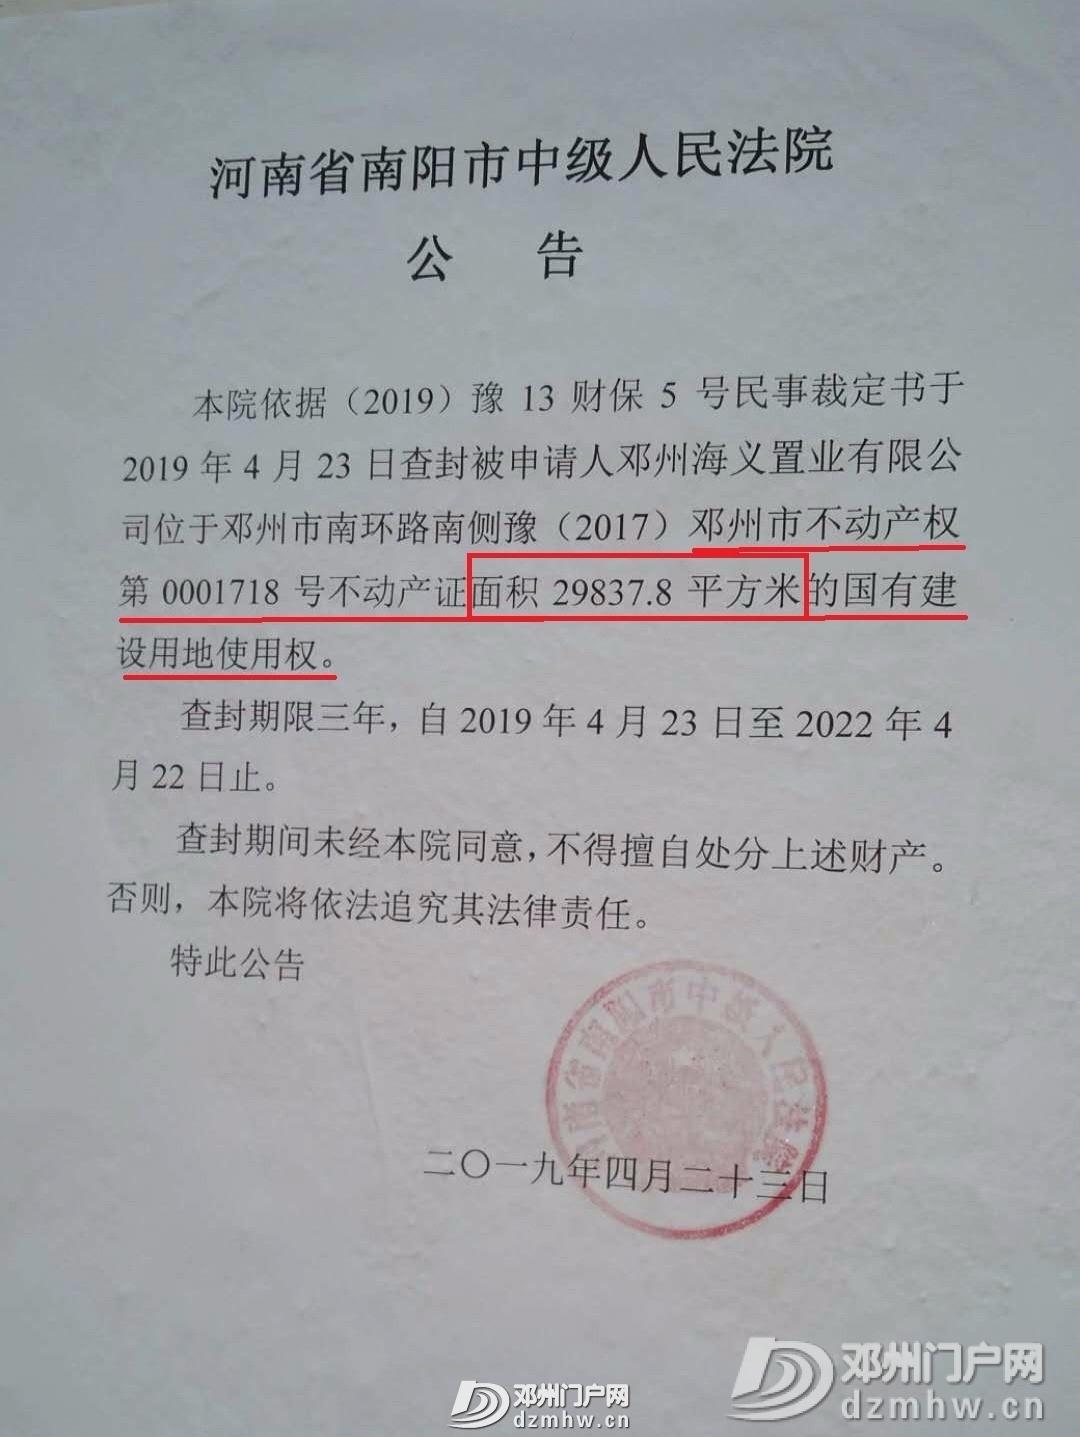 邓州建业城开发商被法院冻结4500万资产后又被查封3万平米土地 - 邓州门户网|邓州网 - 7a2cc149720b8c3c1c08295643ec2272.jpg